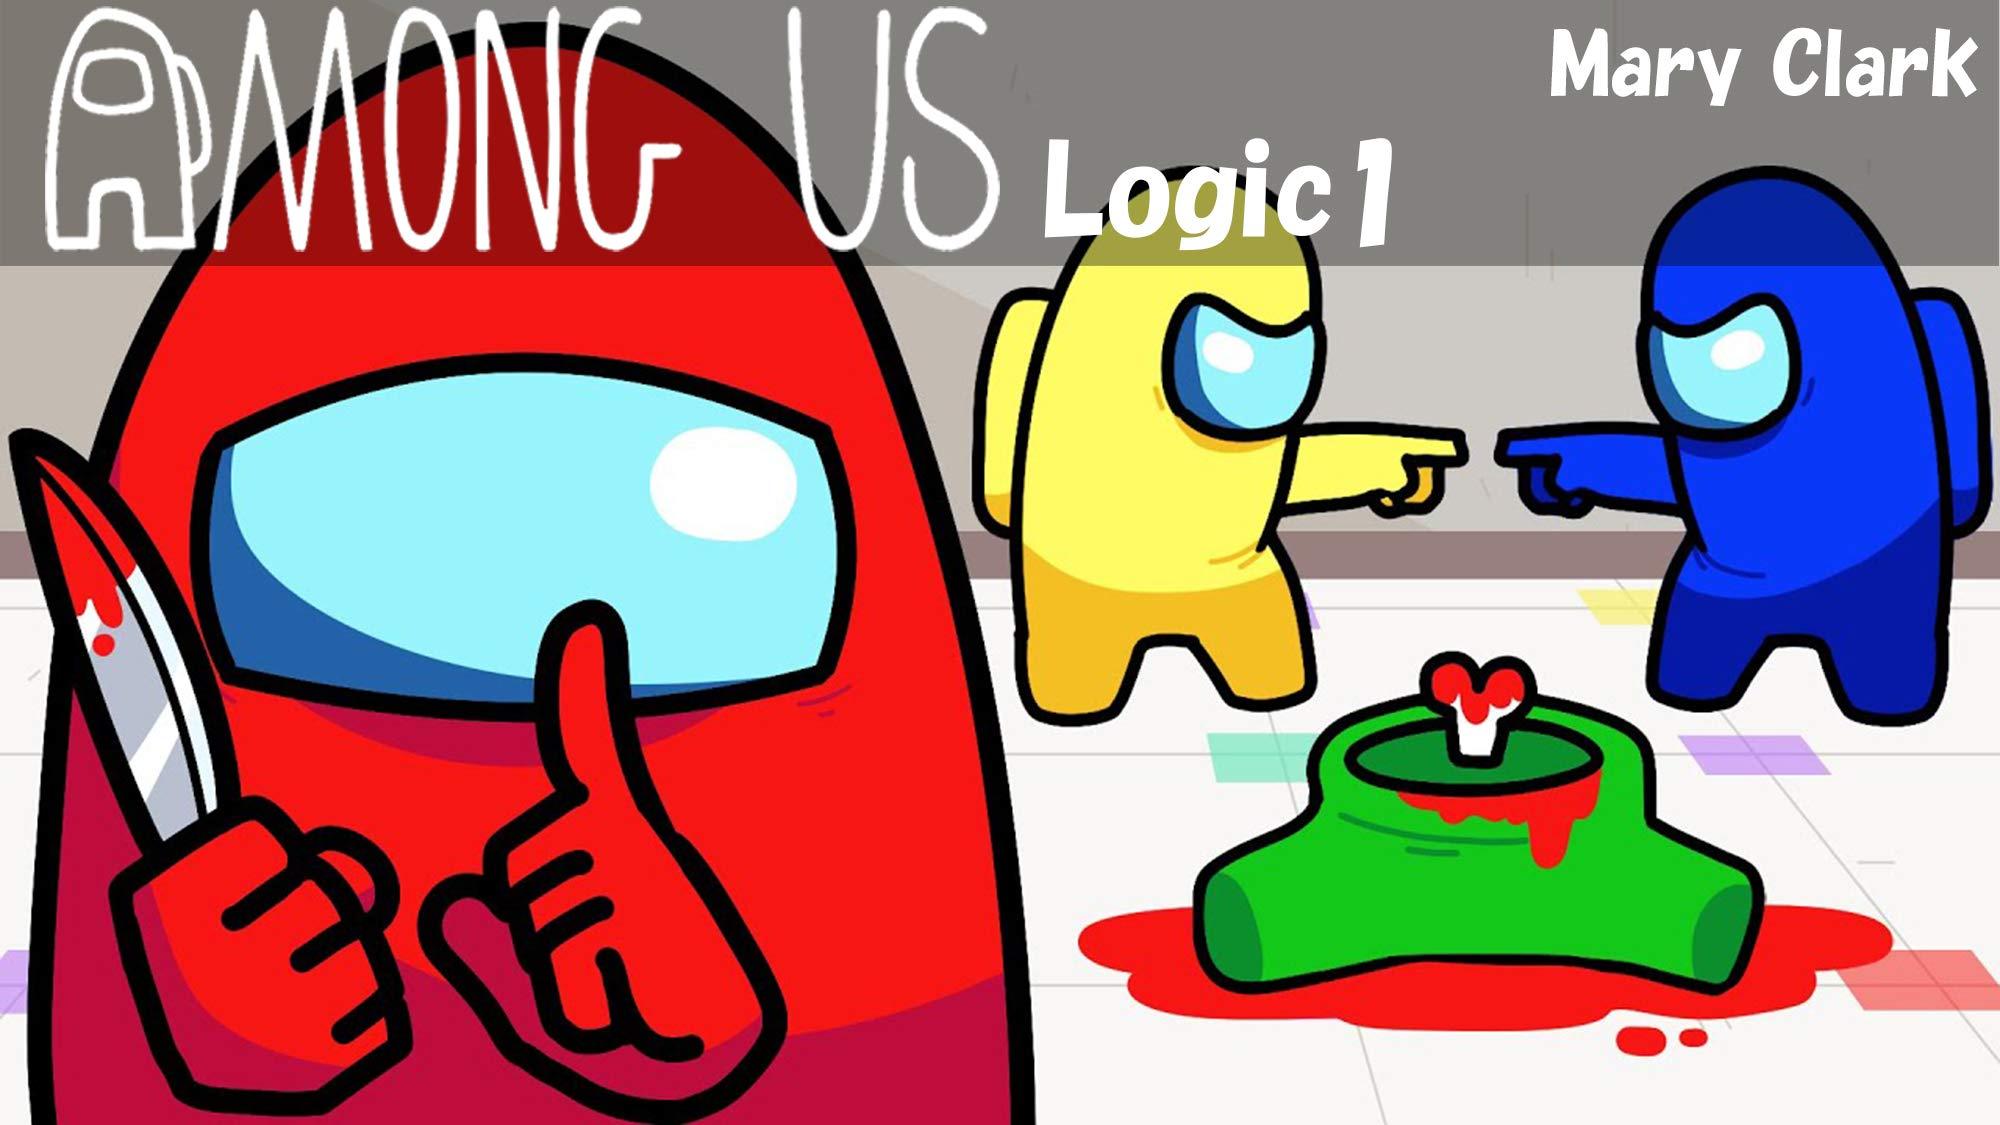 Among Us Logic 1: Fun Story